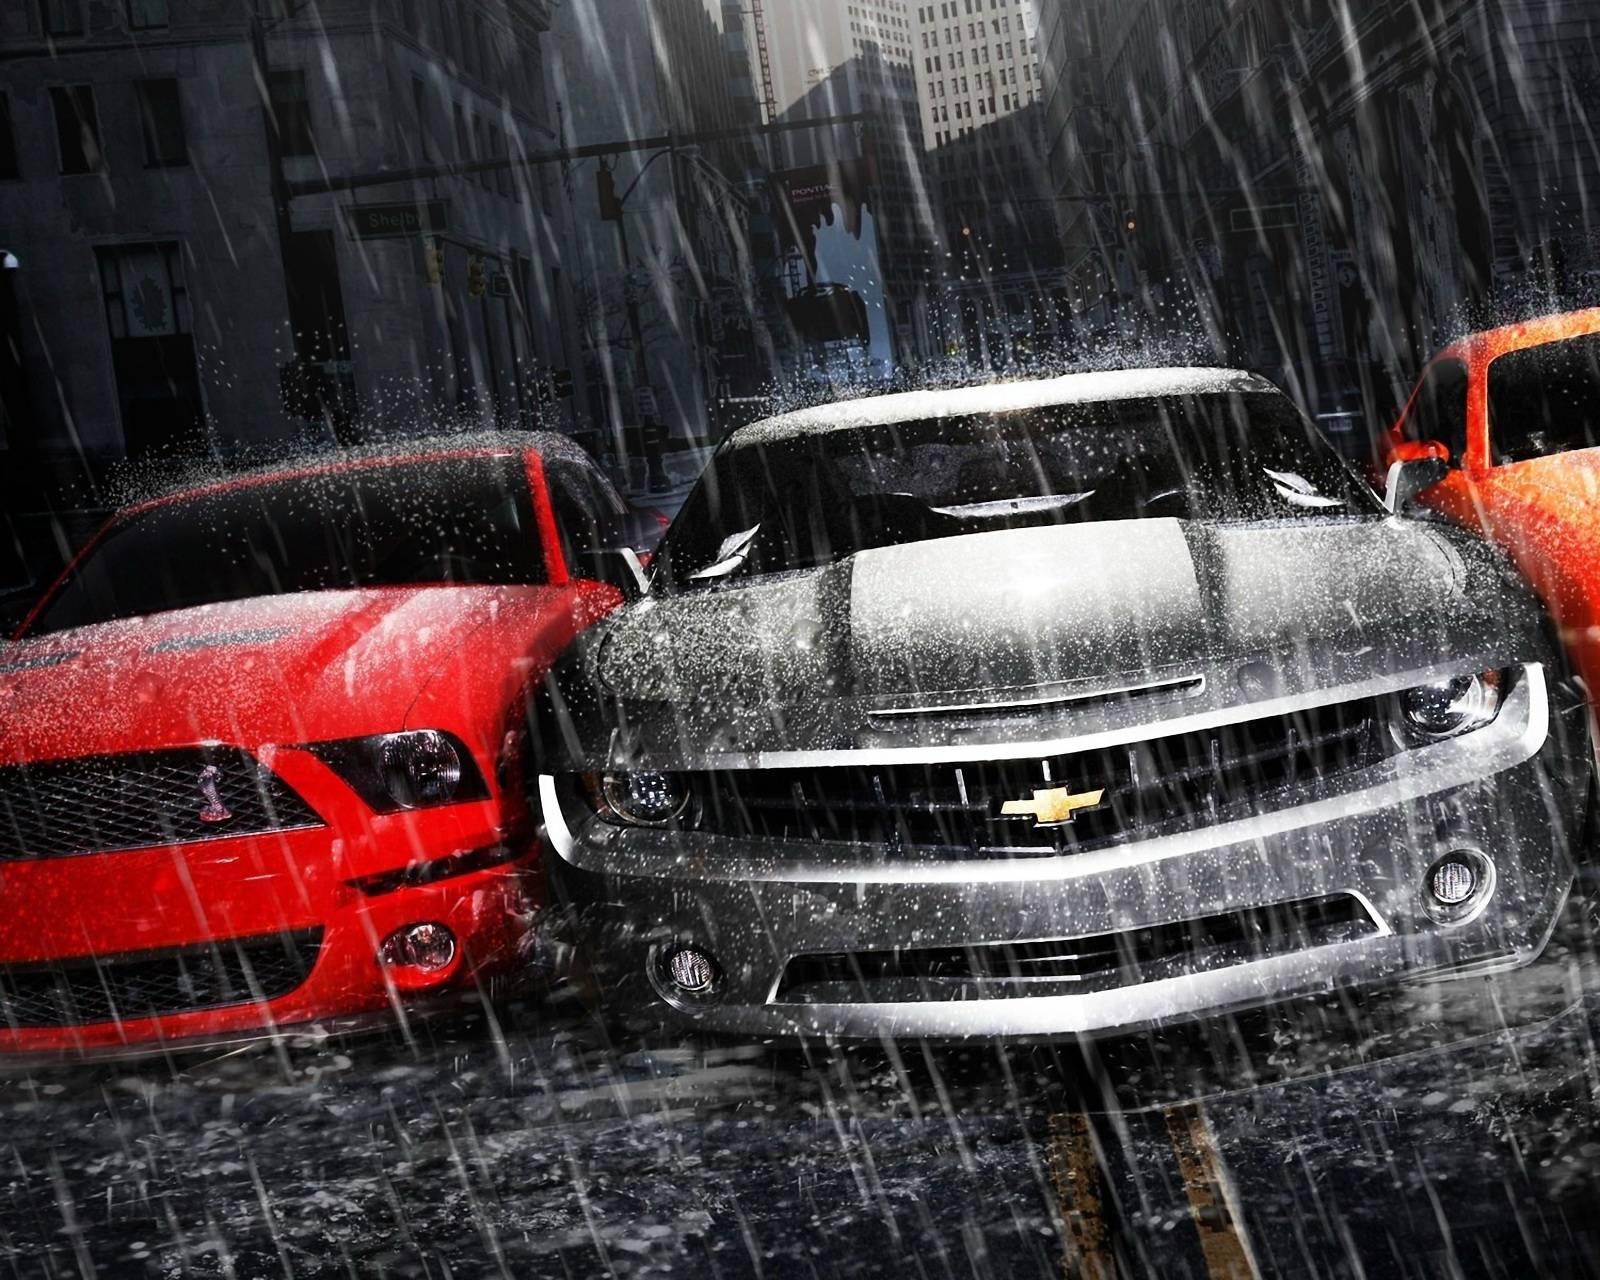 Mustang Camaro